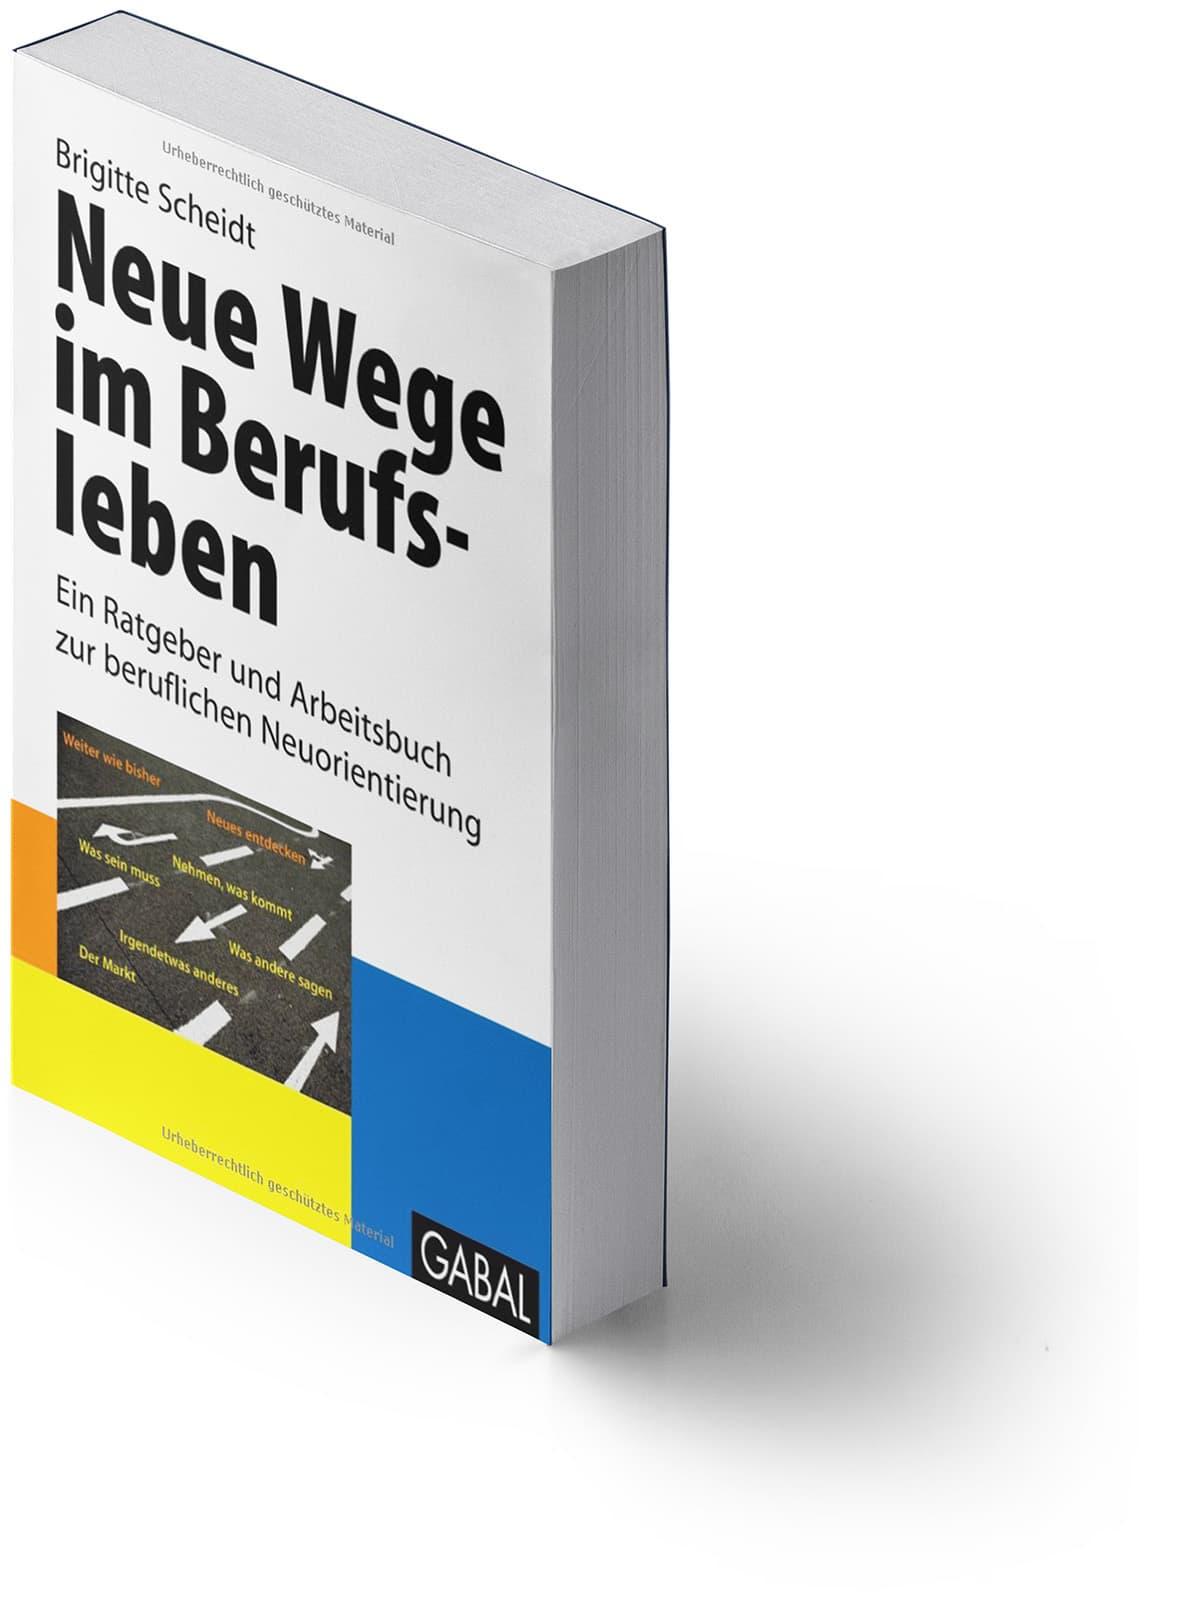 Neue Wege im Berufsleben - Ein Arbeitsbuch zur beruflichen Neuorientierung von Brigitte Scheidt